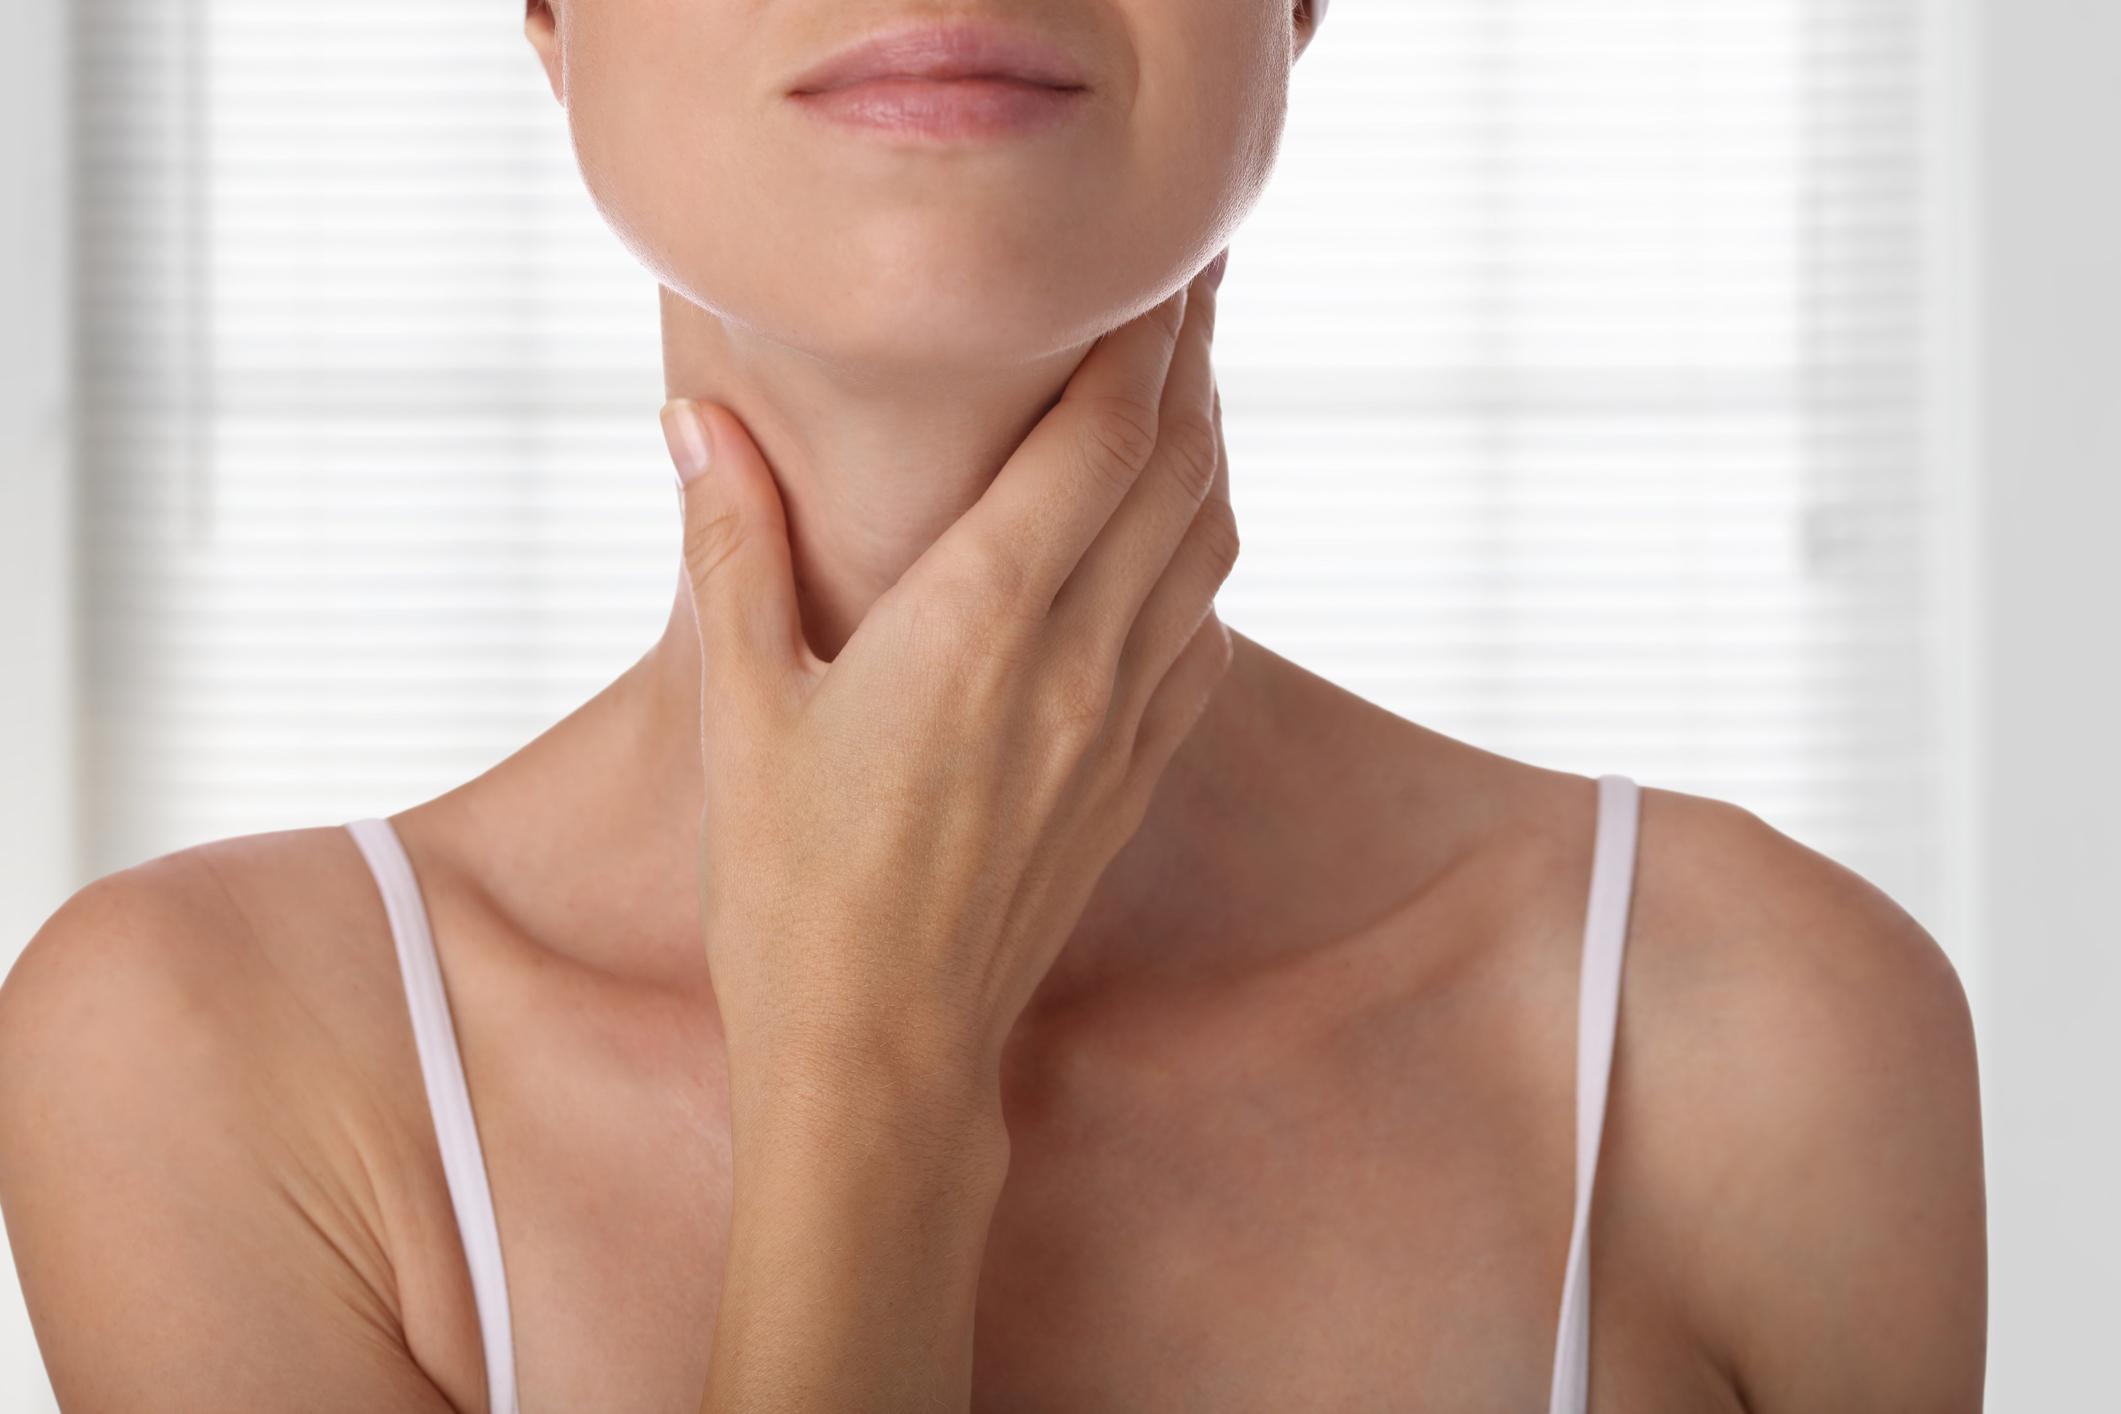 az egész ízületek és izmok fájnak ízületi gyulladás ízületi gyulladásos tünetek kezelésére utaló jelek